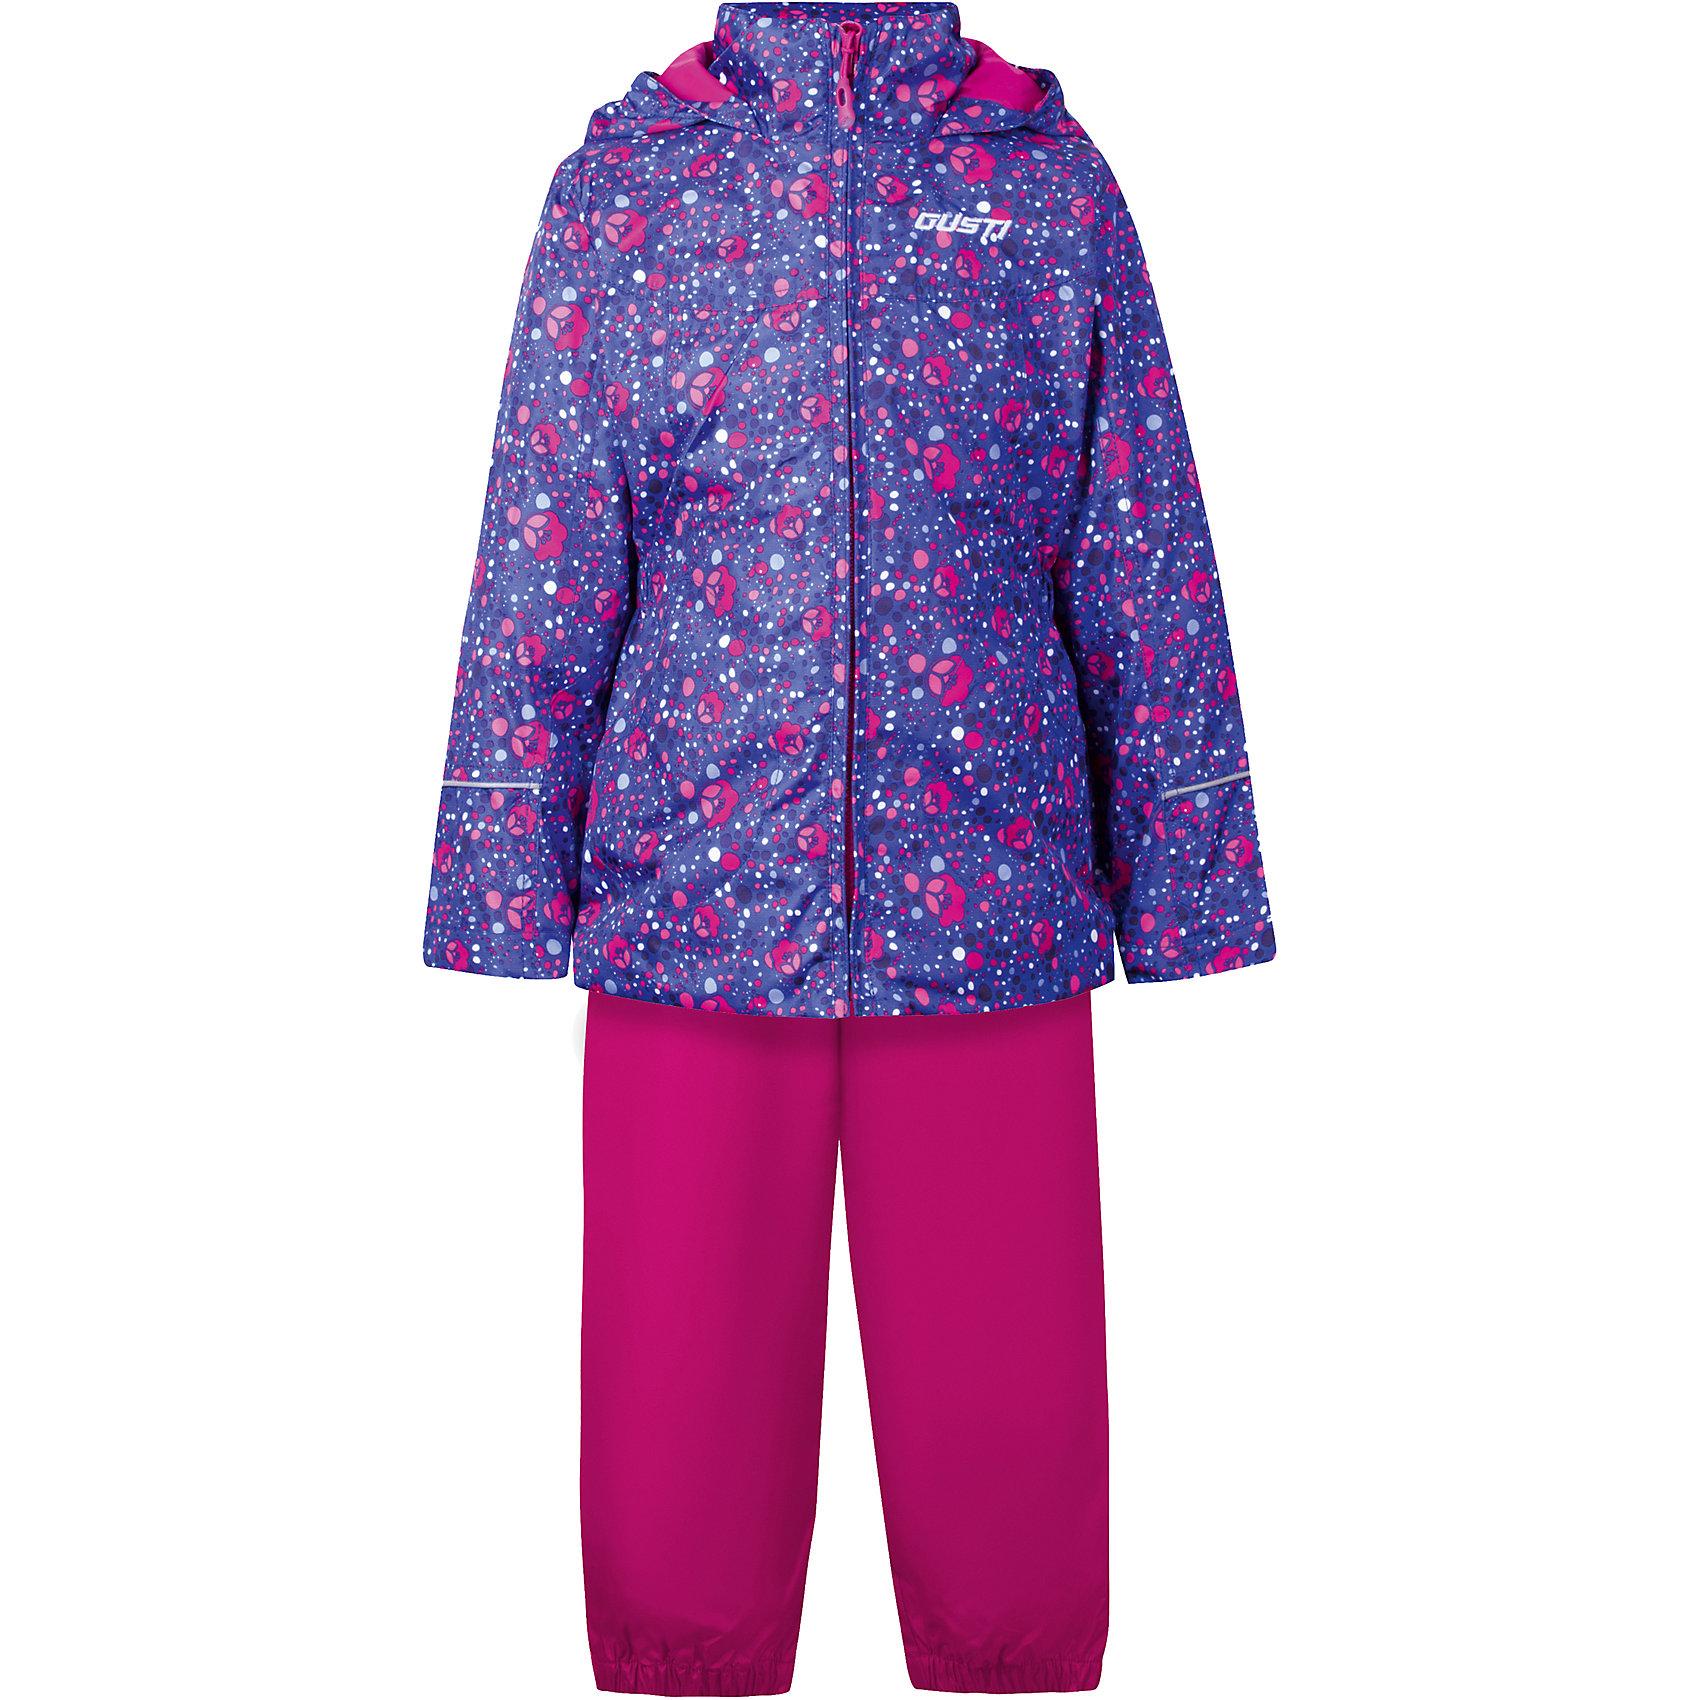 Комплект: куртка, толстовка и брюки для девочки GustiВерхняя одежда<br>Характеристики товара:<br><br>• цвет: синий<br>• состав: 100% полиэстер, подкладка, утеплитель - 100% полиэстер<br>• комплектация: куртка, съемная флисовая подкладка, брюки<br>• температурный режим: от +5° С до +15° С<br>• водонепроницаемый материал<br>• капюшон<br>• карманы<br>• съемные подтяжки<br>• брючины эластичные<br>• комфортная посадка<br>• светоотражающие элементы<br>• молния<br>• утеплитель: синтепон<br>• демисезонный<br>• страна бренда: Канада<br><br>Этот демисезонный комплект из куртки, пристегивающейся к ней толстовки из флиса, и штанов поможет обеспечить ребенку комфорт и тепло. Предметы удобно садятся по фигуре, отлично смотрятся с различной обувью. Комплект очень модно выглядит, он хорошо защищает от ветра и влаги. Материал отлично подходит для дождливой погоды. Стильный дизайн разрабатывался специально для детей.<br><br>Комплект: куртка, толстовка и брюки для девочки от известного бренда Gusti (Густи) можно купить в нашем интернет-магазине.<br><br>Ширина мм: 356<br>Глубина мм: 10<br>Высота мм: 245<br>Вес г: 519<br>Цвет: синий<br>Возраст от месяцев: 12<br>Возраст до месяцев: 15<br>Пол: Женский<br>Возраст: Детский<br>Размер: 122,128,110,140,80,152,86,90,92,98,100,104,116,120<br>SKU: 5452436